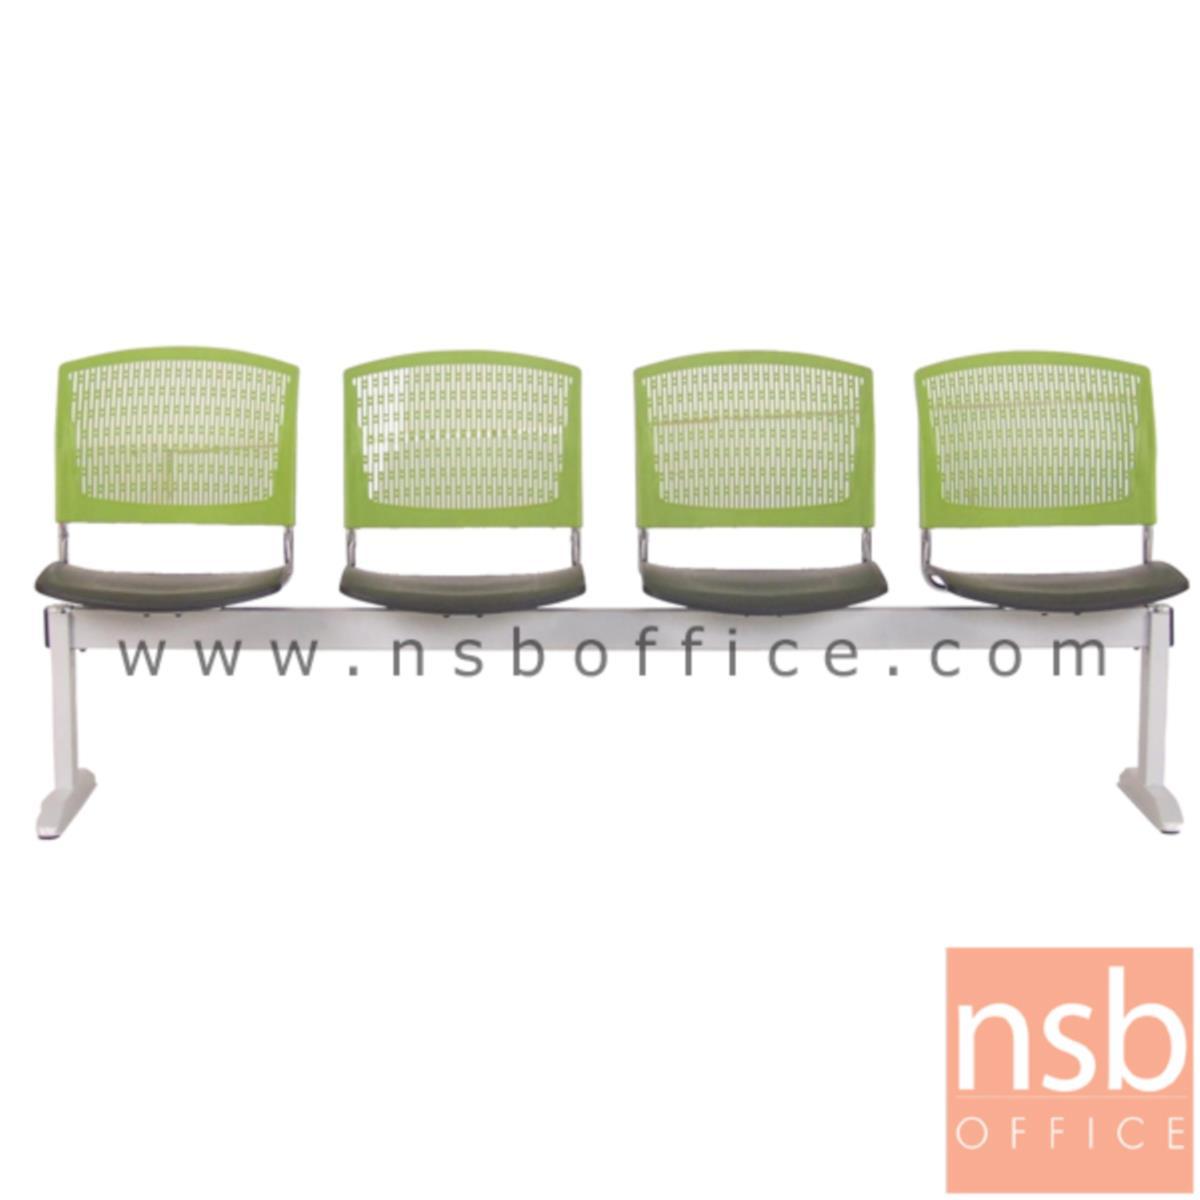 เก้าอี้นั่งคอยเฟรมโพลี่ รุ่น MS-022 2 ,3 ,4 ที่นั่ง ขนาด 103W ,160W ,217.5W cm. ขาเหล็ก